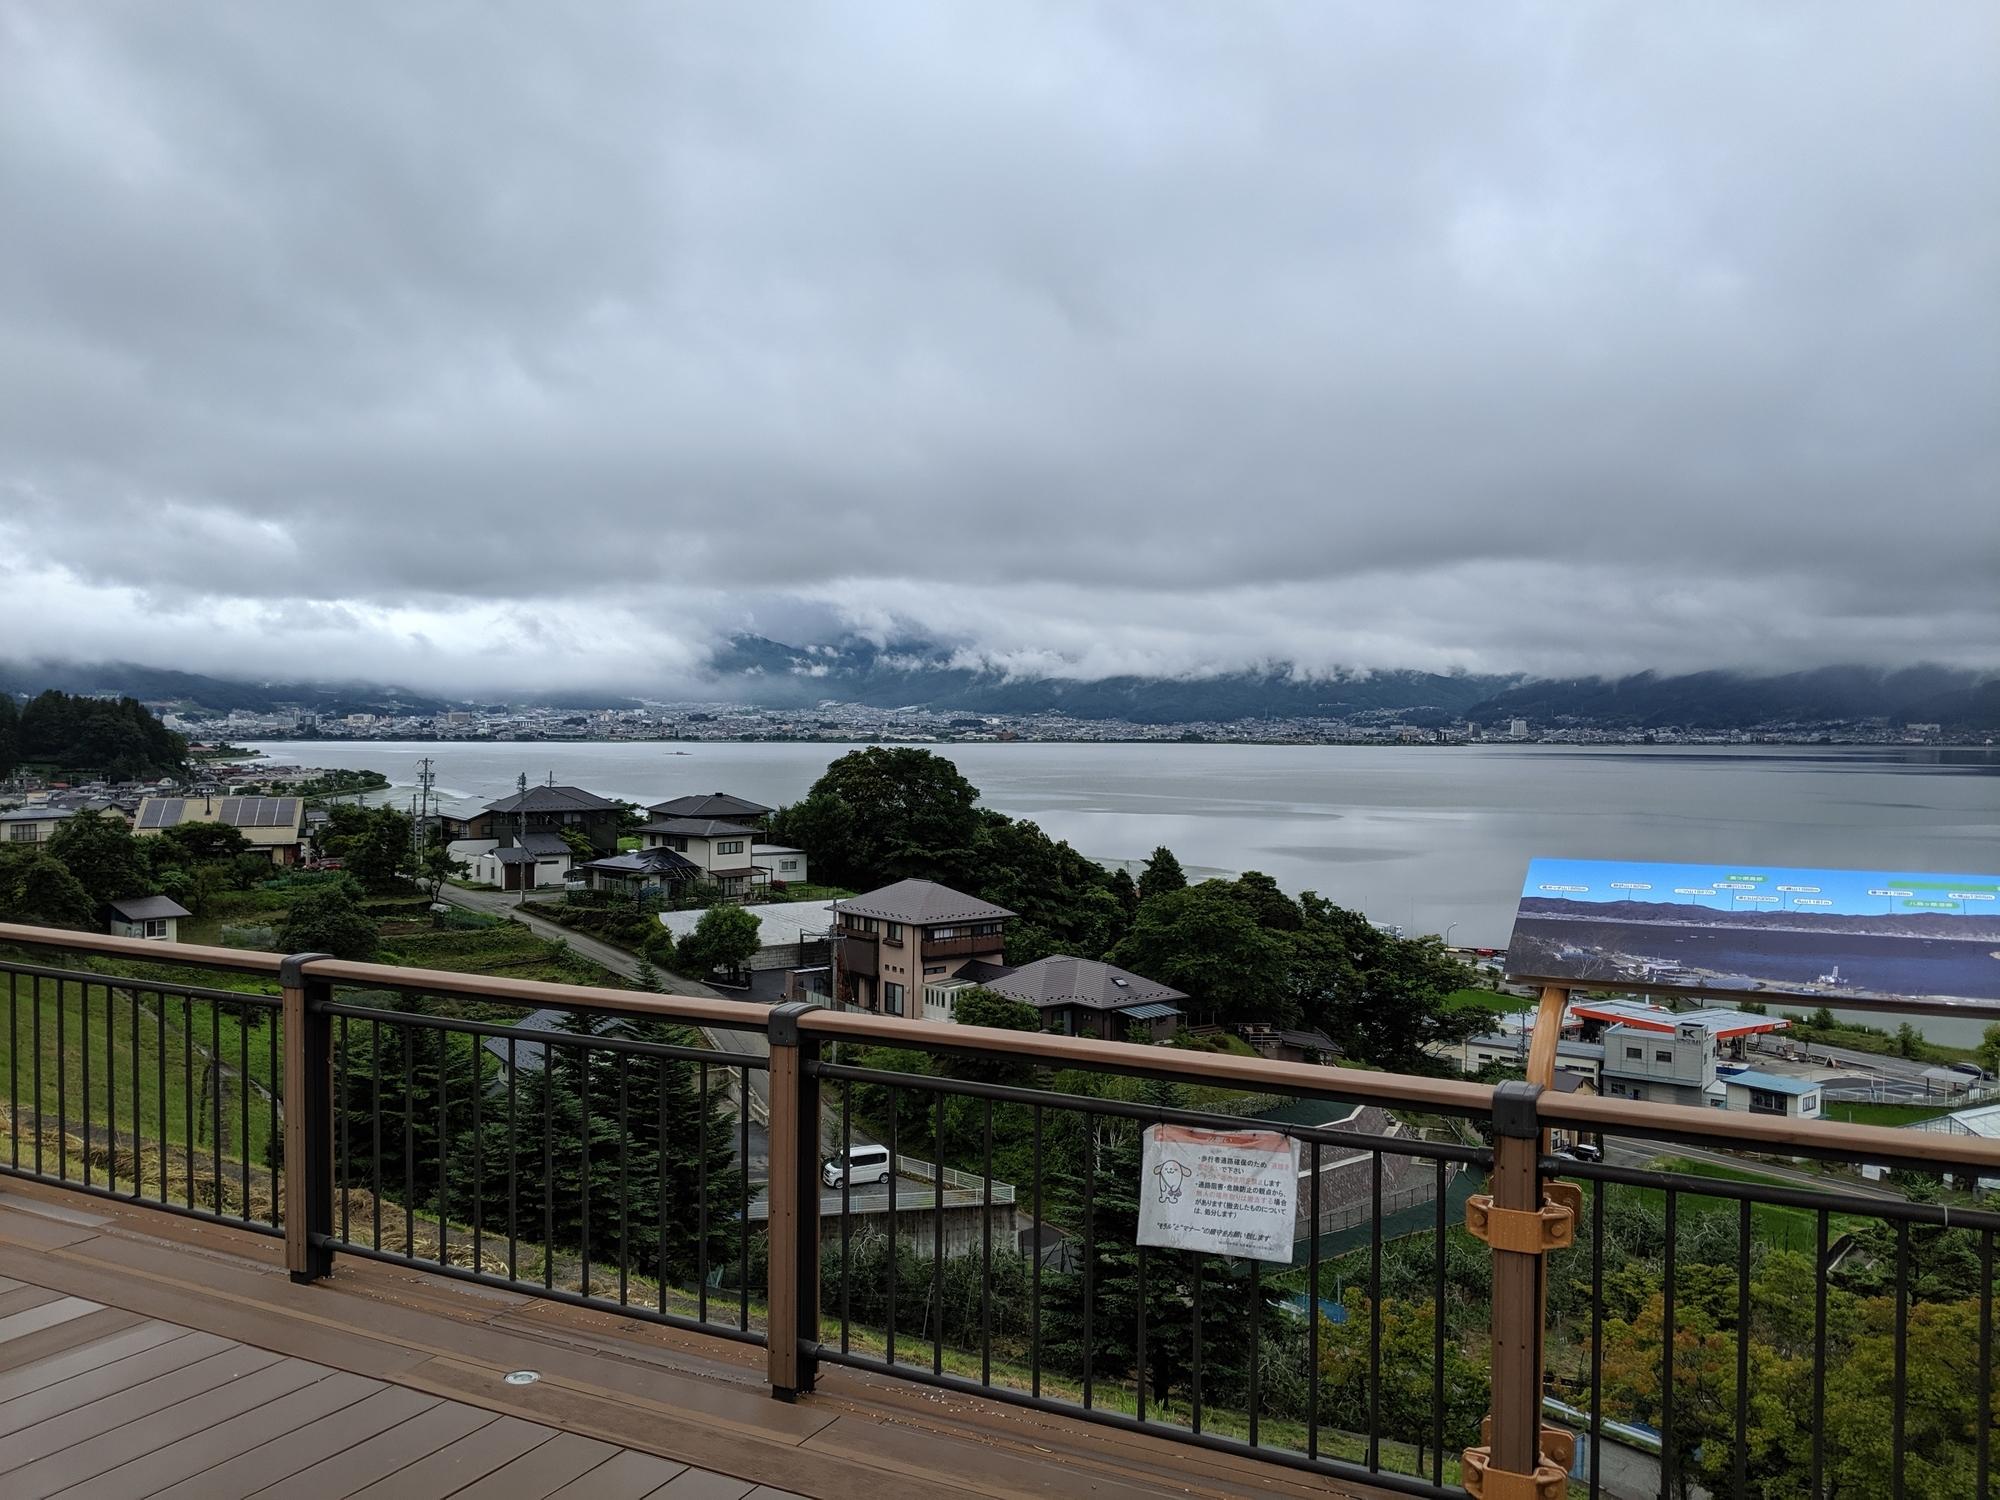 諏訪湖SAより 諏訪湖